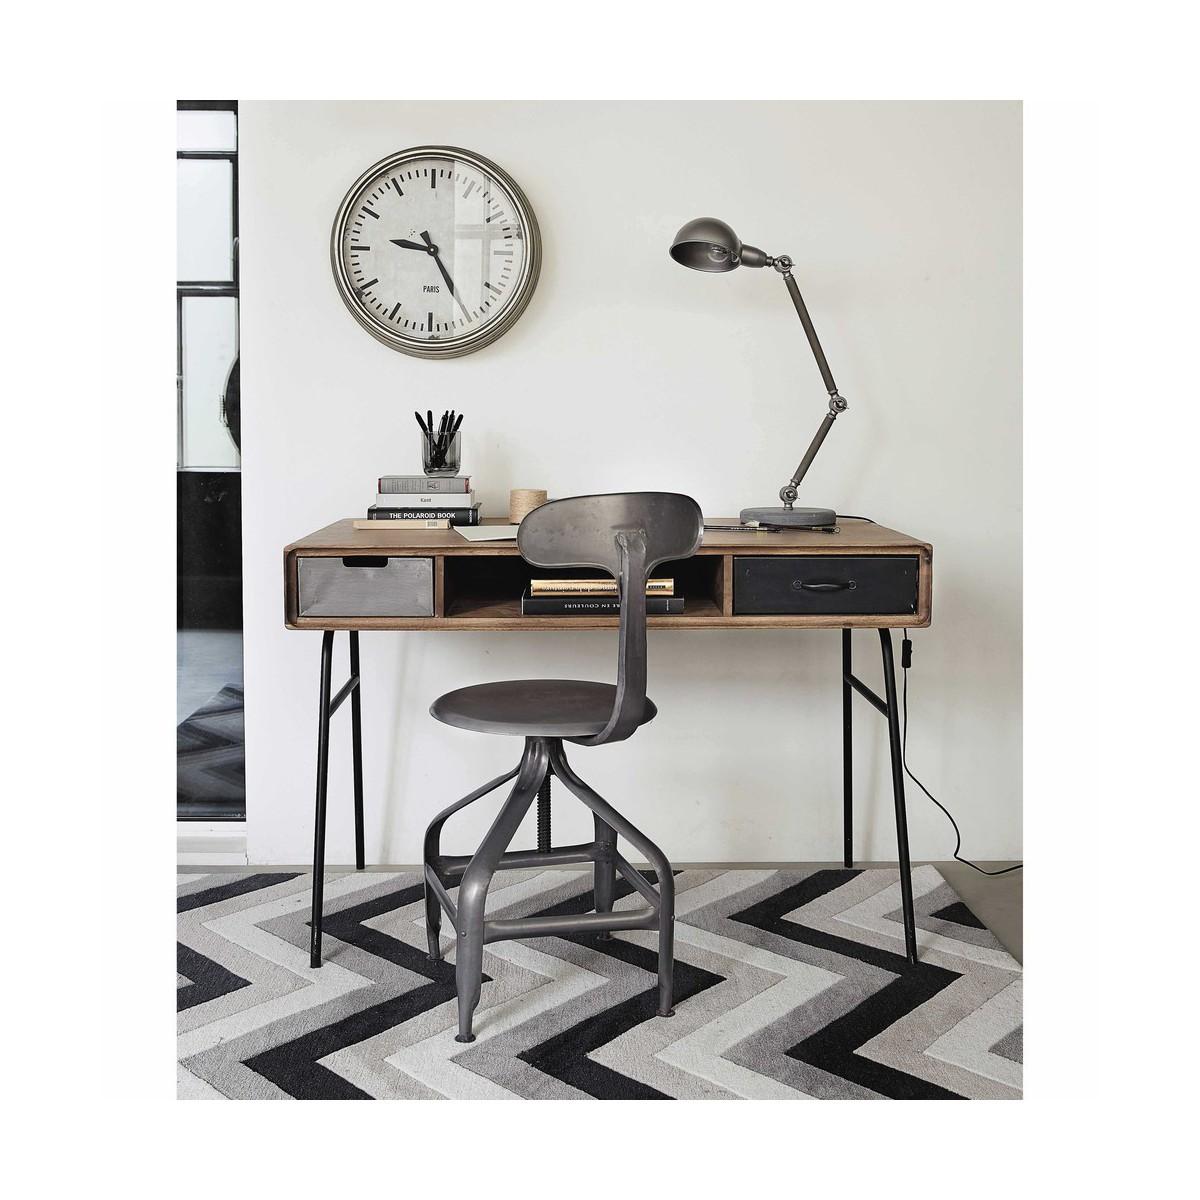 Carrelage Design tapis poil court : tapis-a-poils-courts-gris-noir-140-x-200-cm-urban-1000-12-36-147759_4